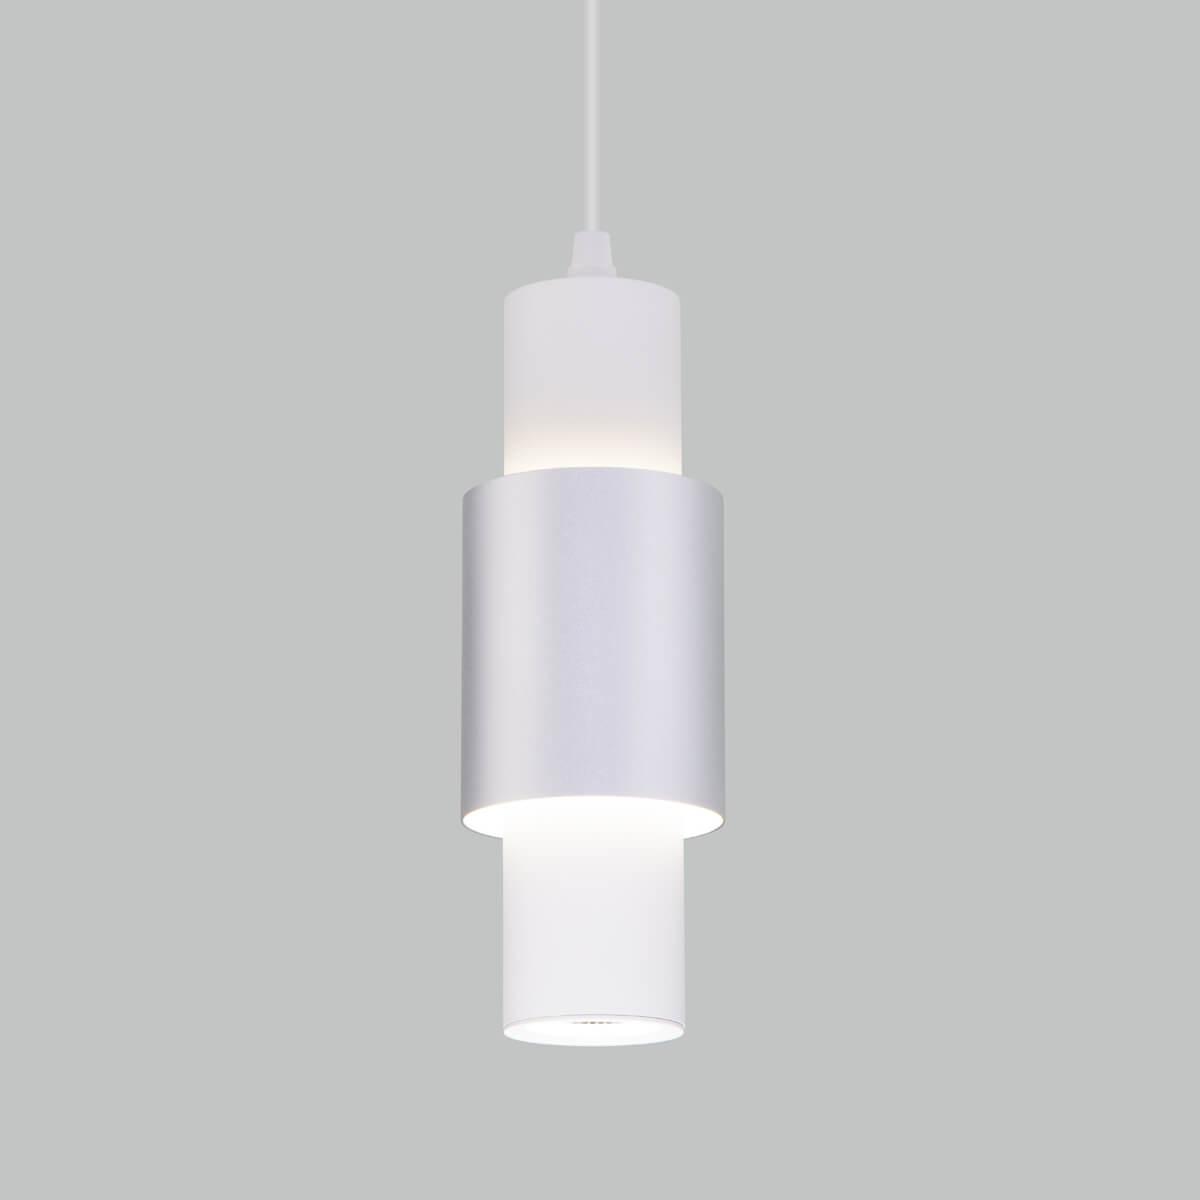 Светильник Eurosvet 50204/1 белый/матовое серебро Bento